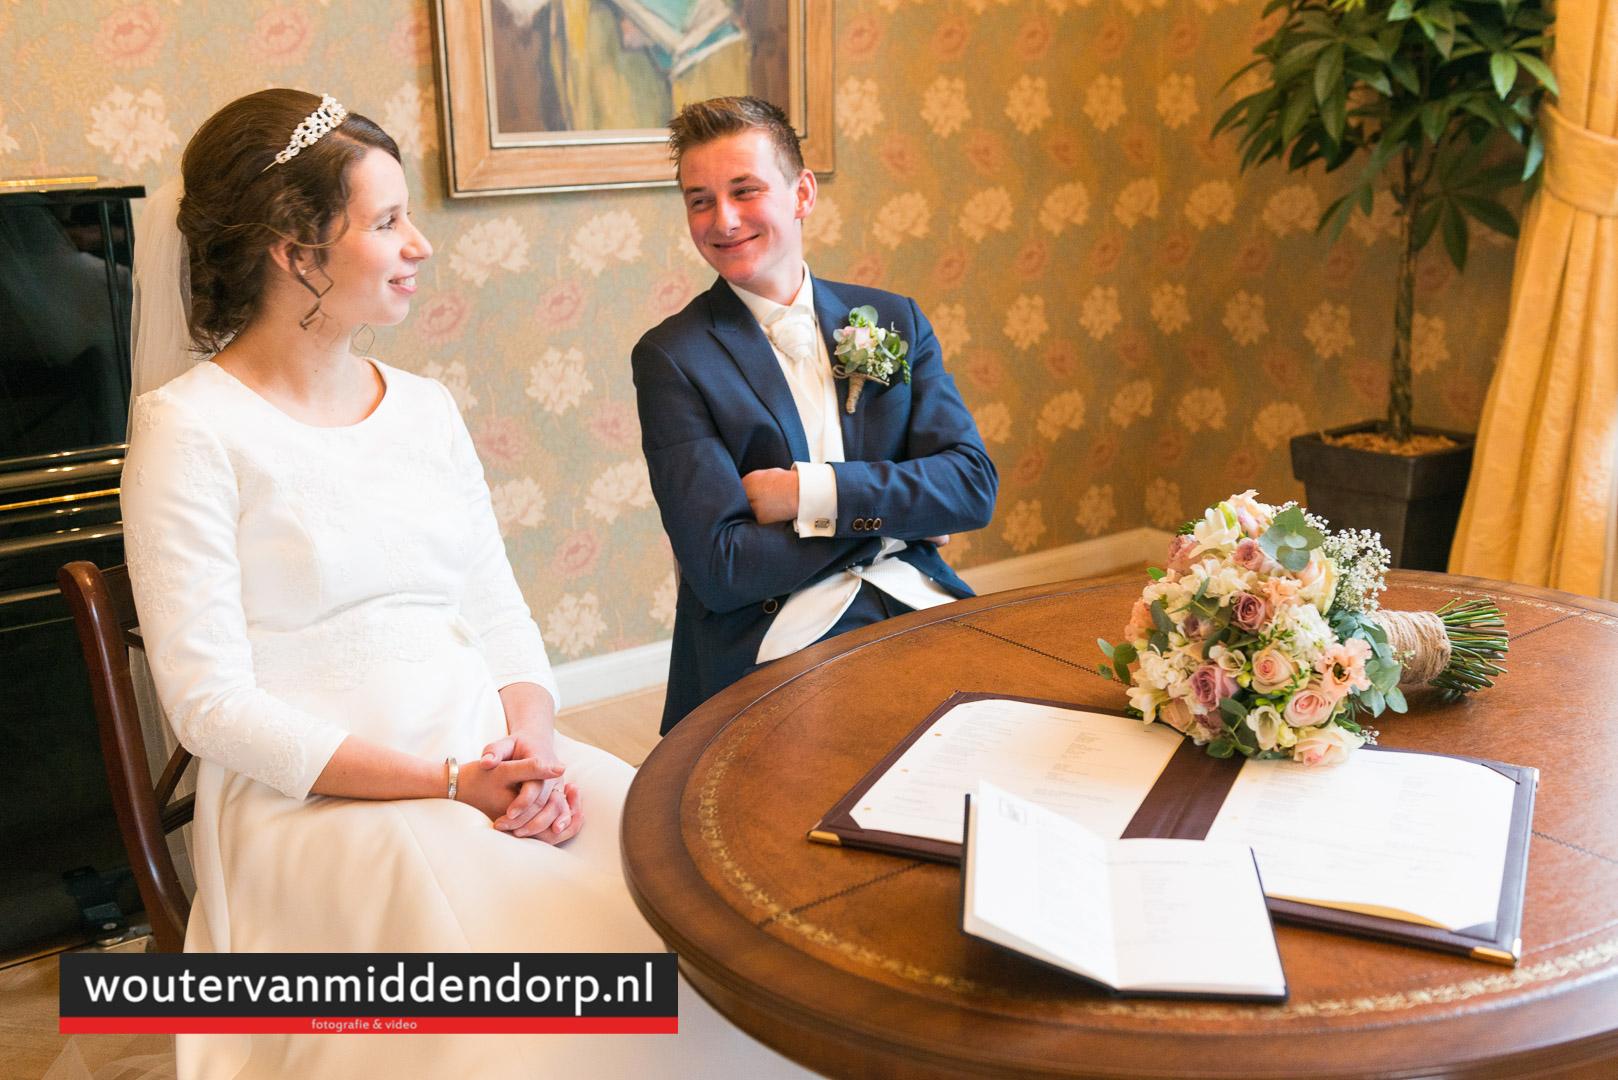 foto Wouter van Middendorp Uddel, Veluwe, Gelderland, trouwfotograaf (11)